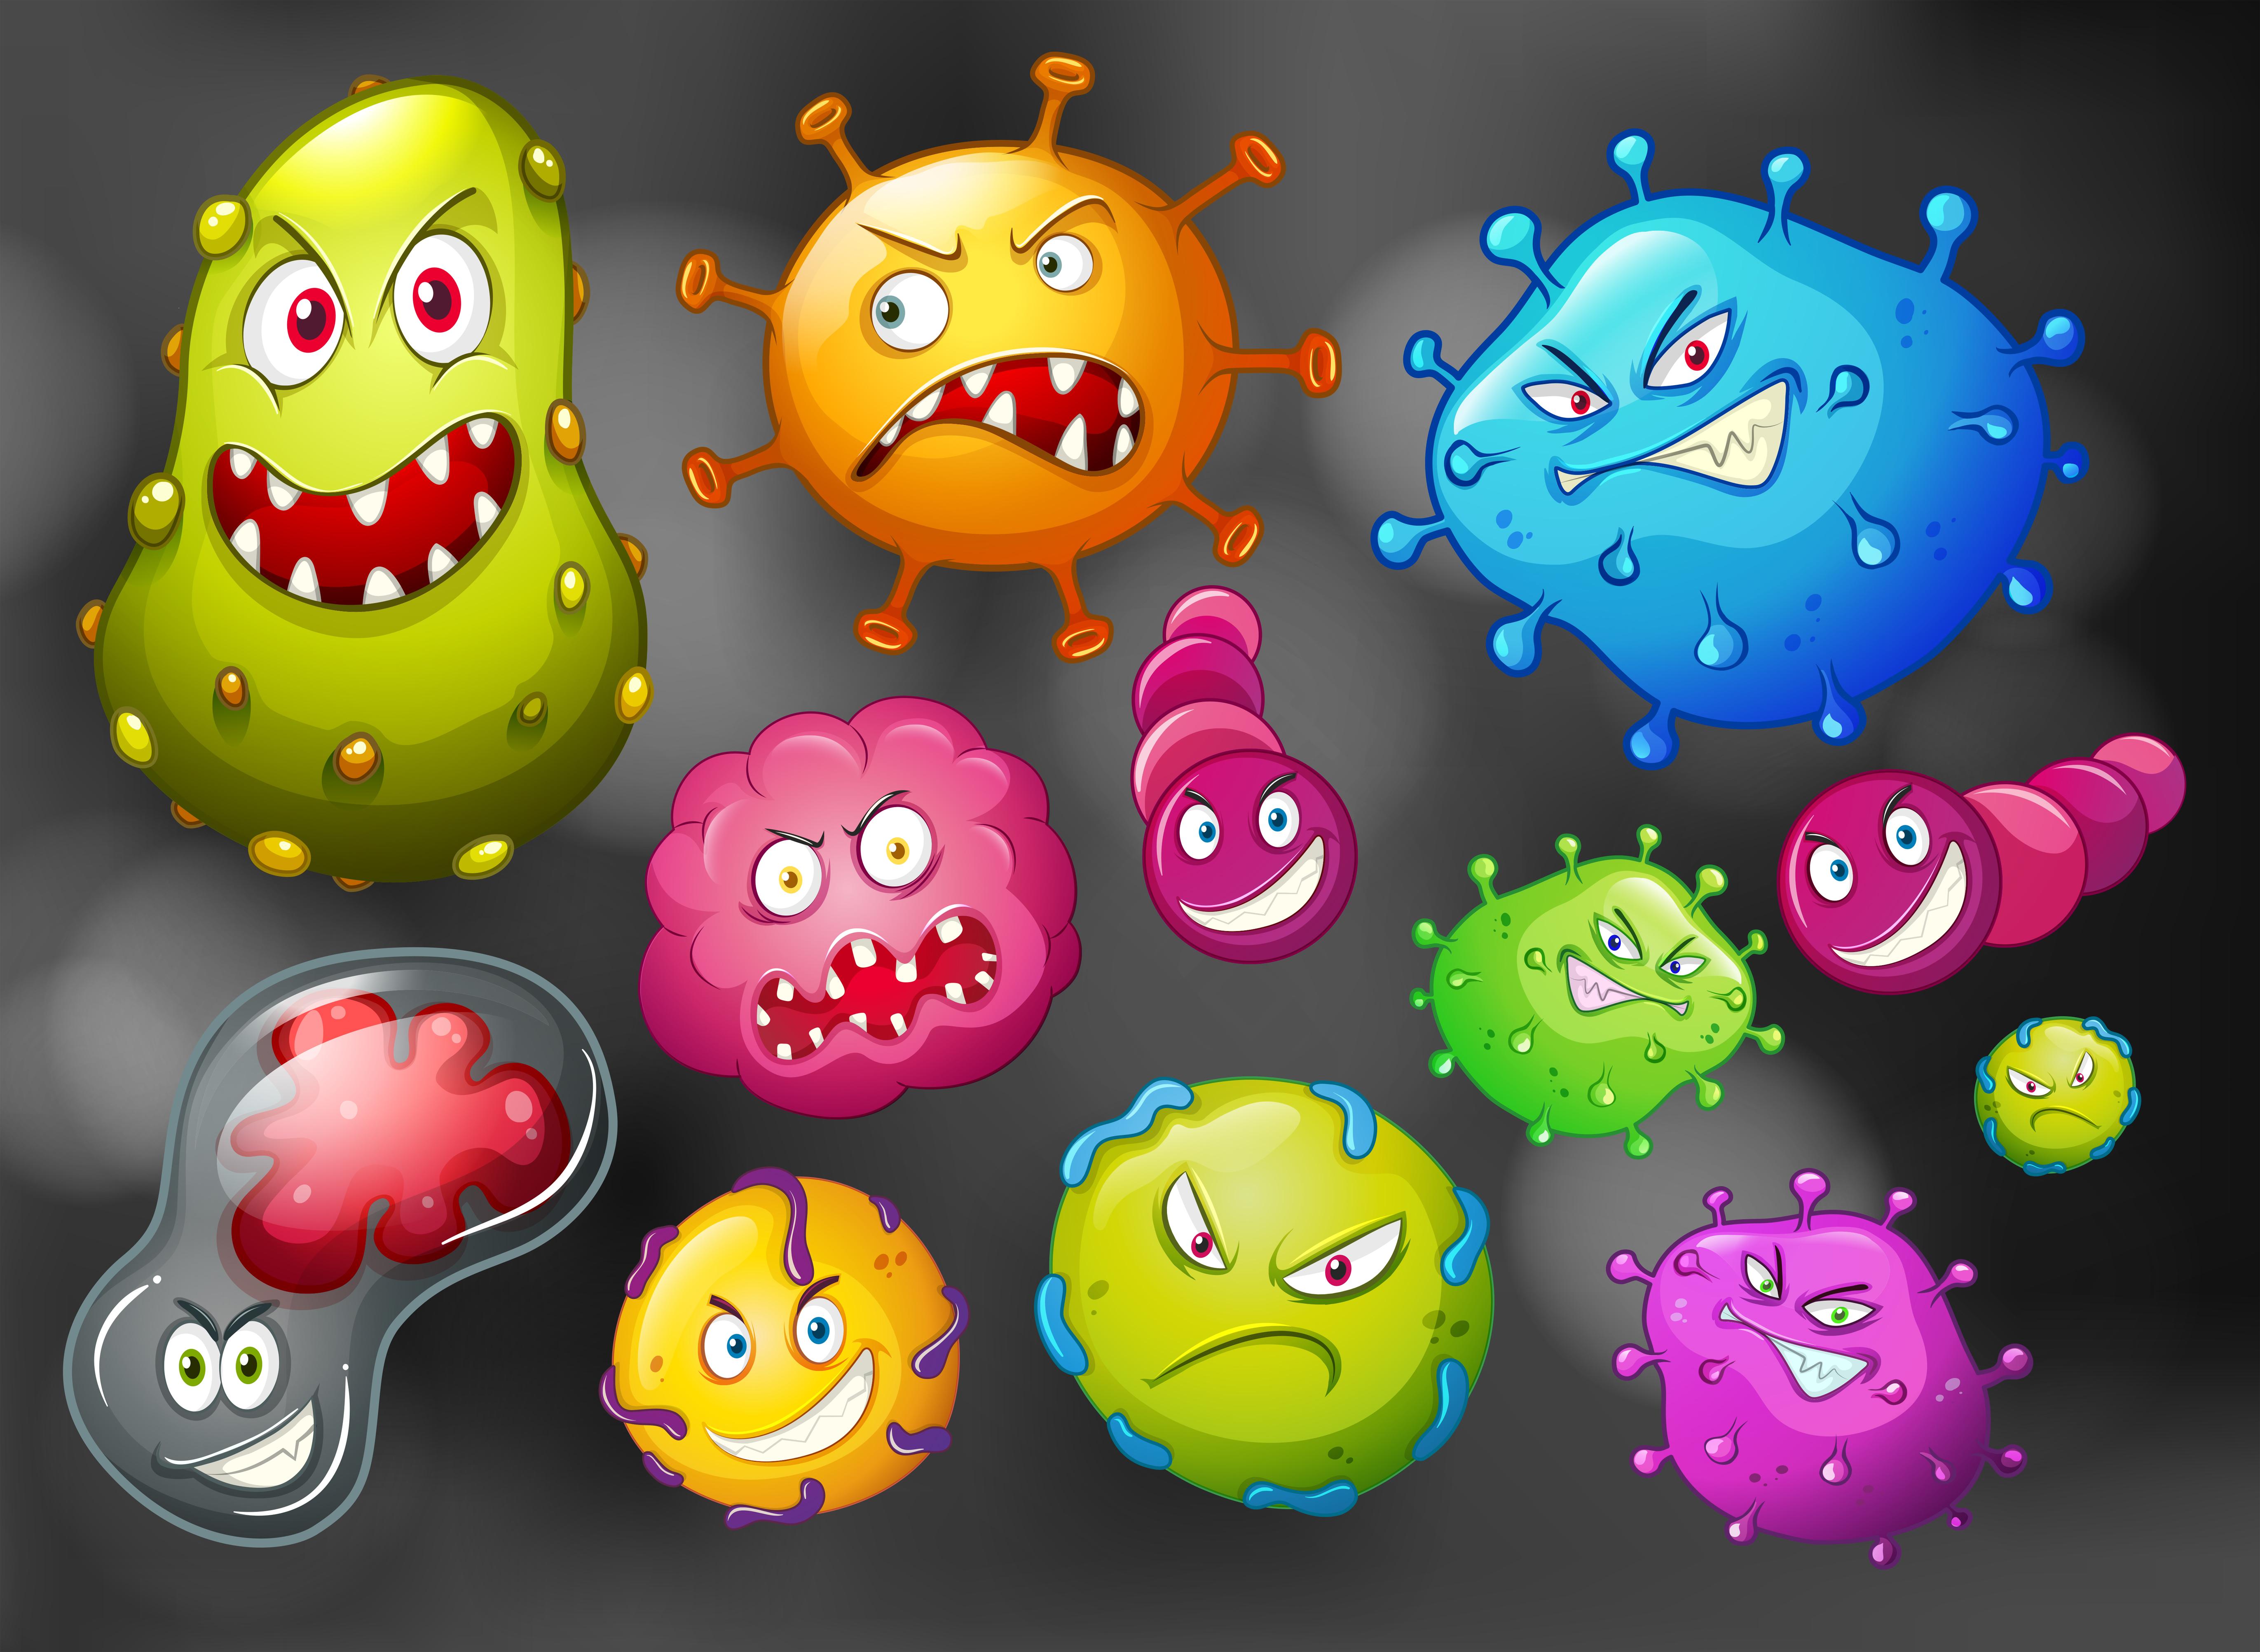 Ученые определили, где на теле и в окружении человека больше всего микробов medistok.ru - жизнь без болезней и лекарств